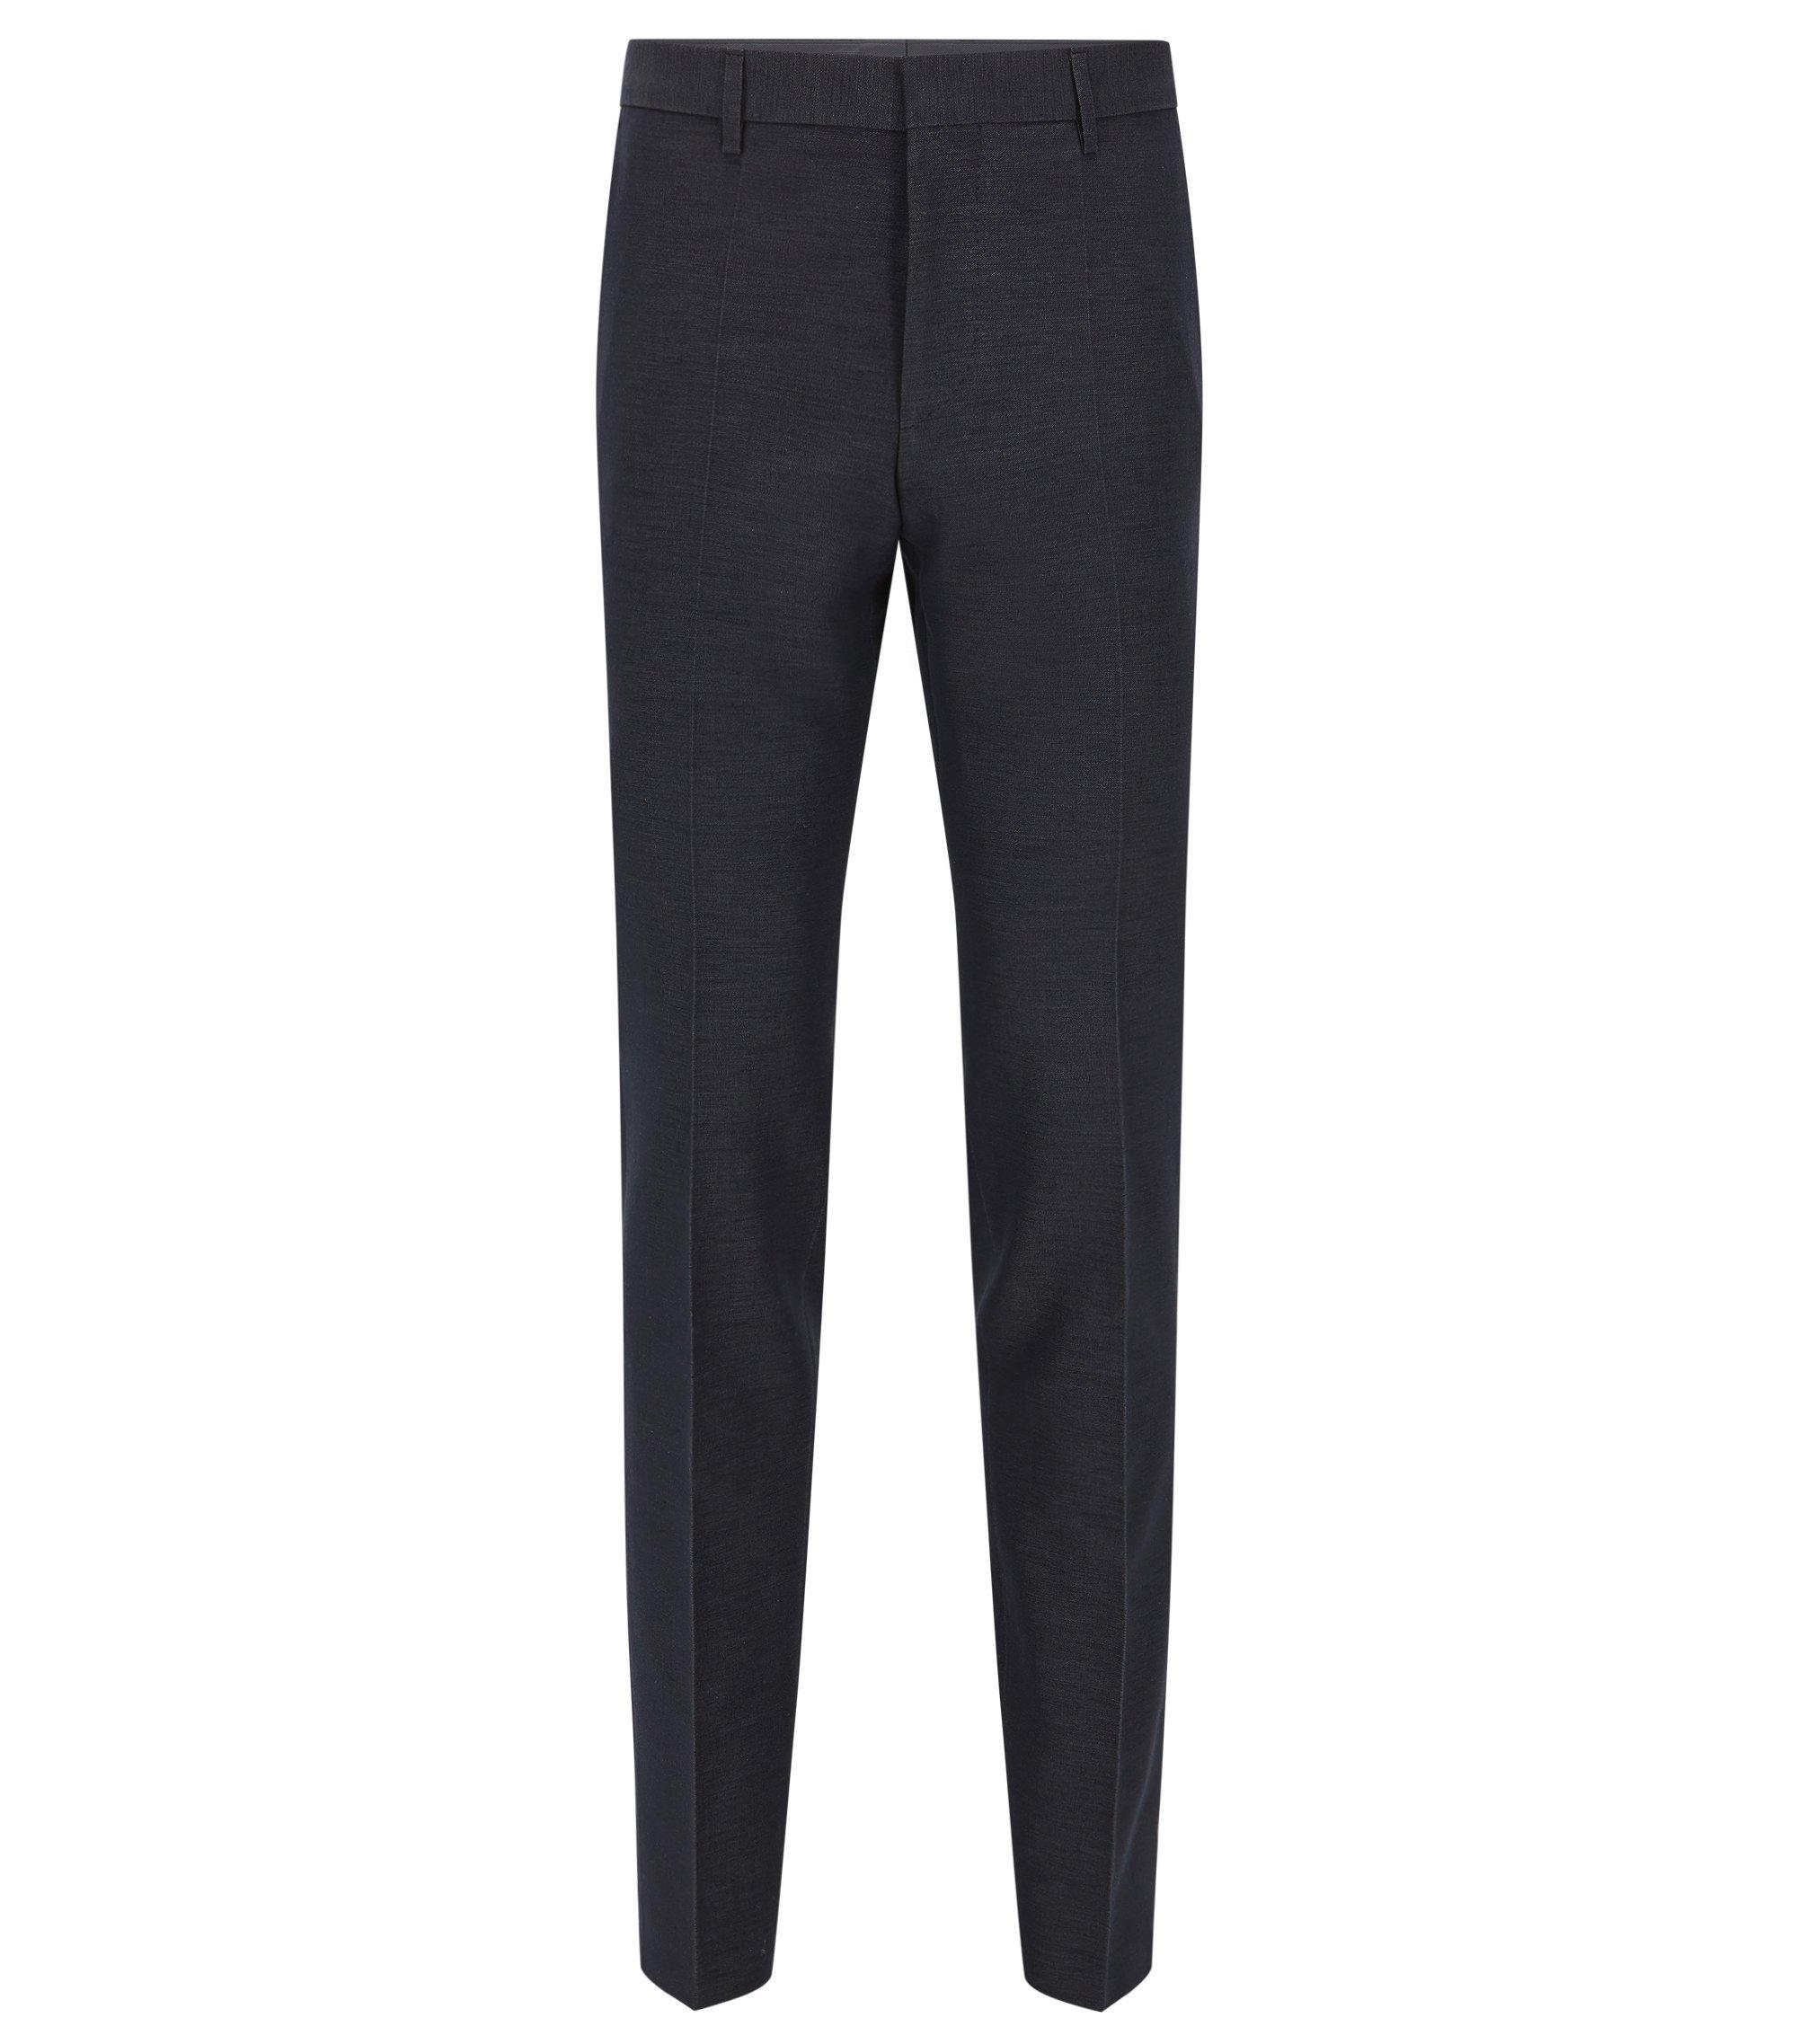 Pantalon Slim Fit en coton mélangé, Bleu foncé